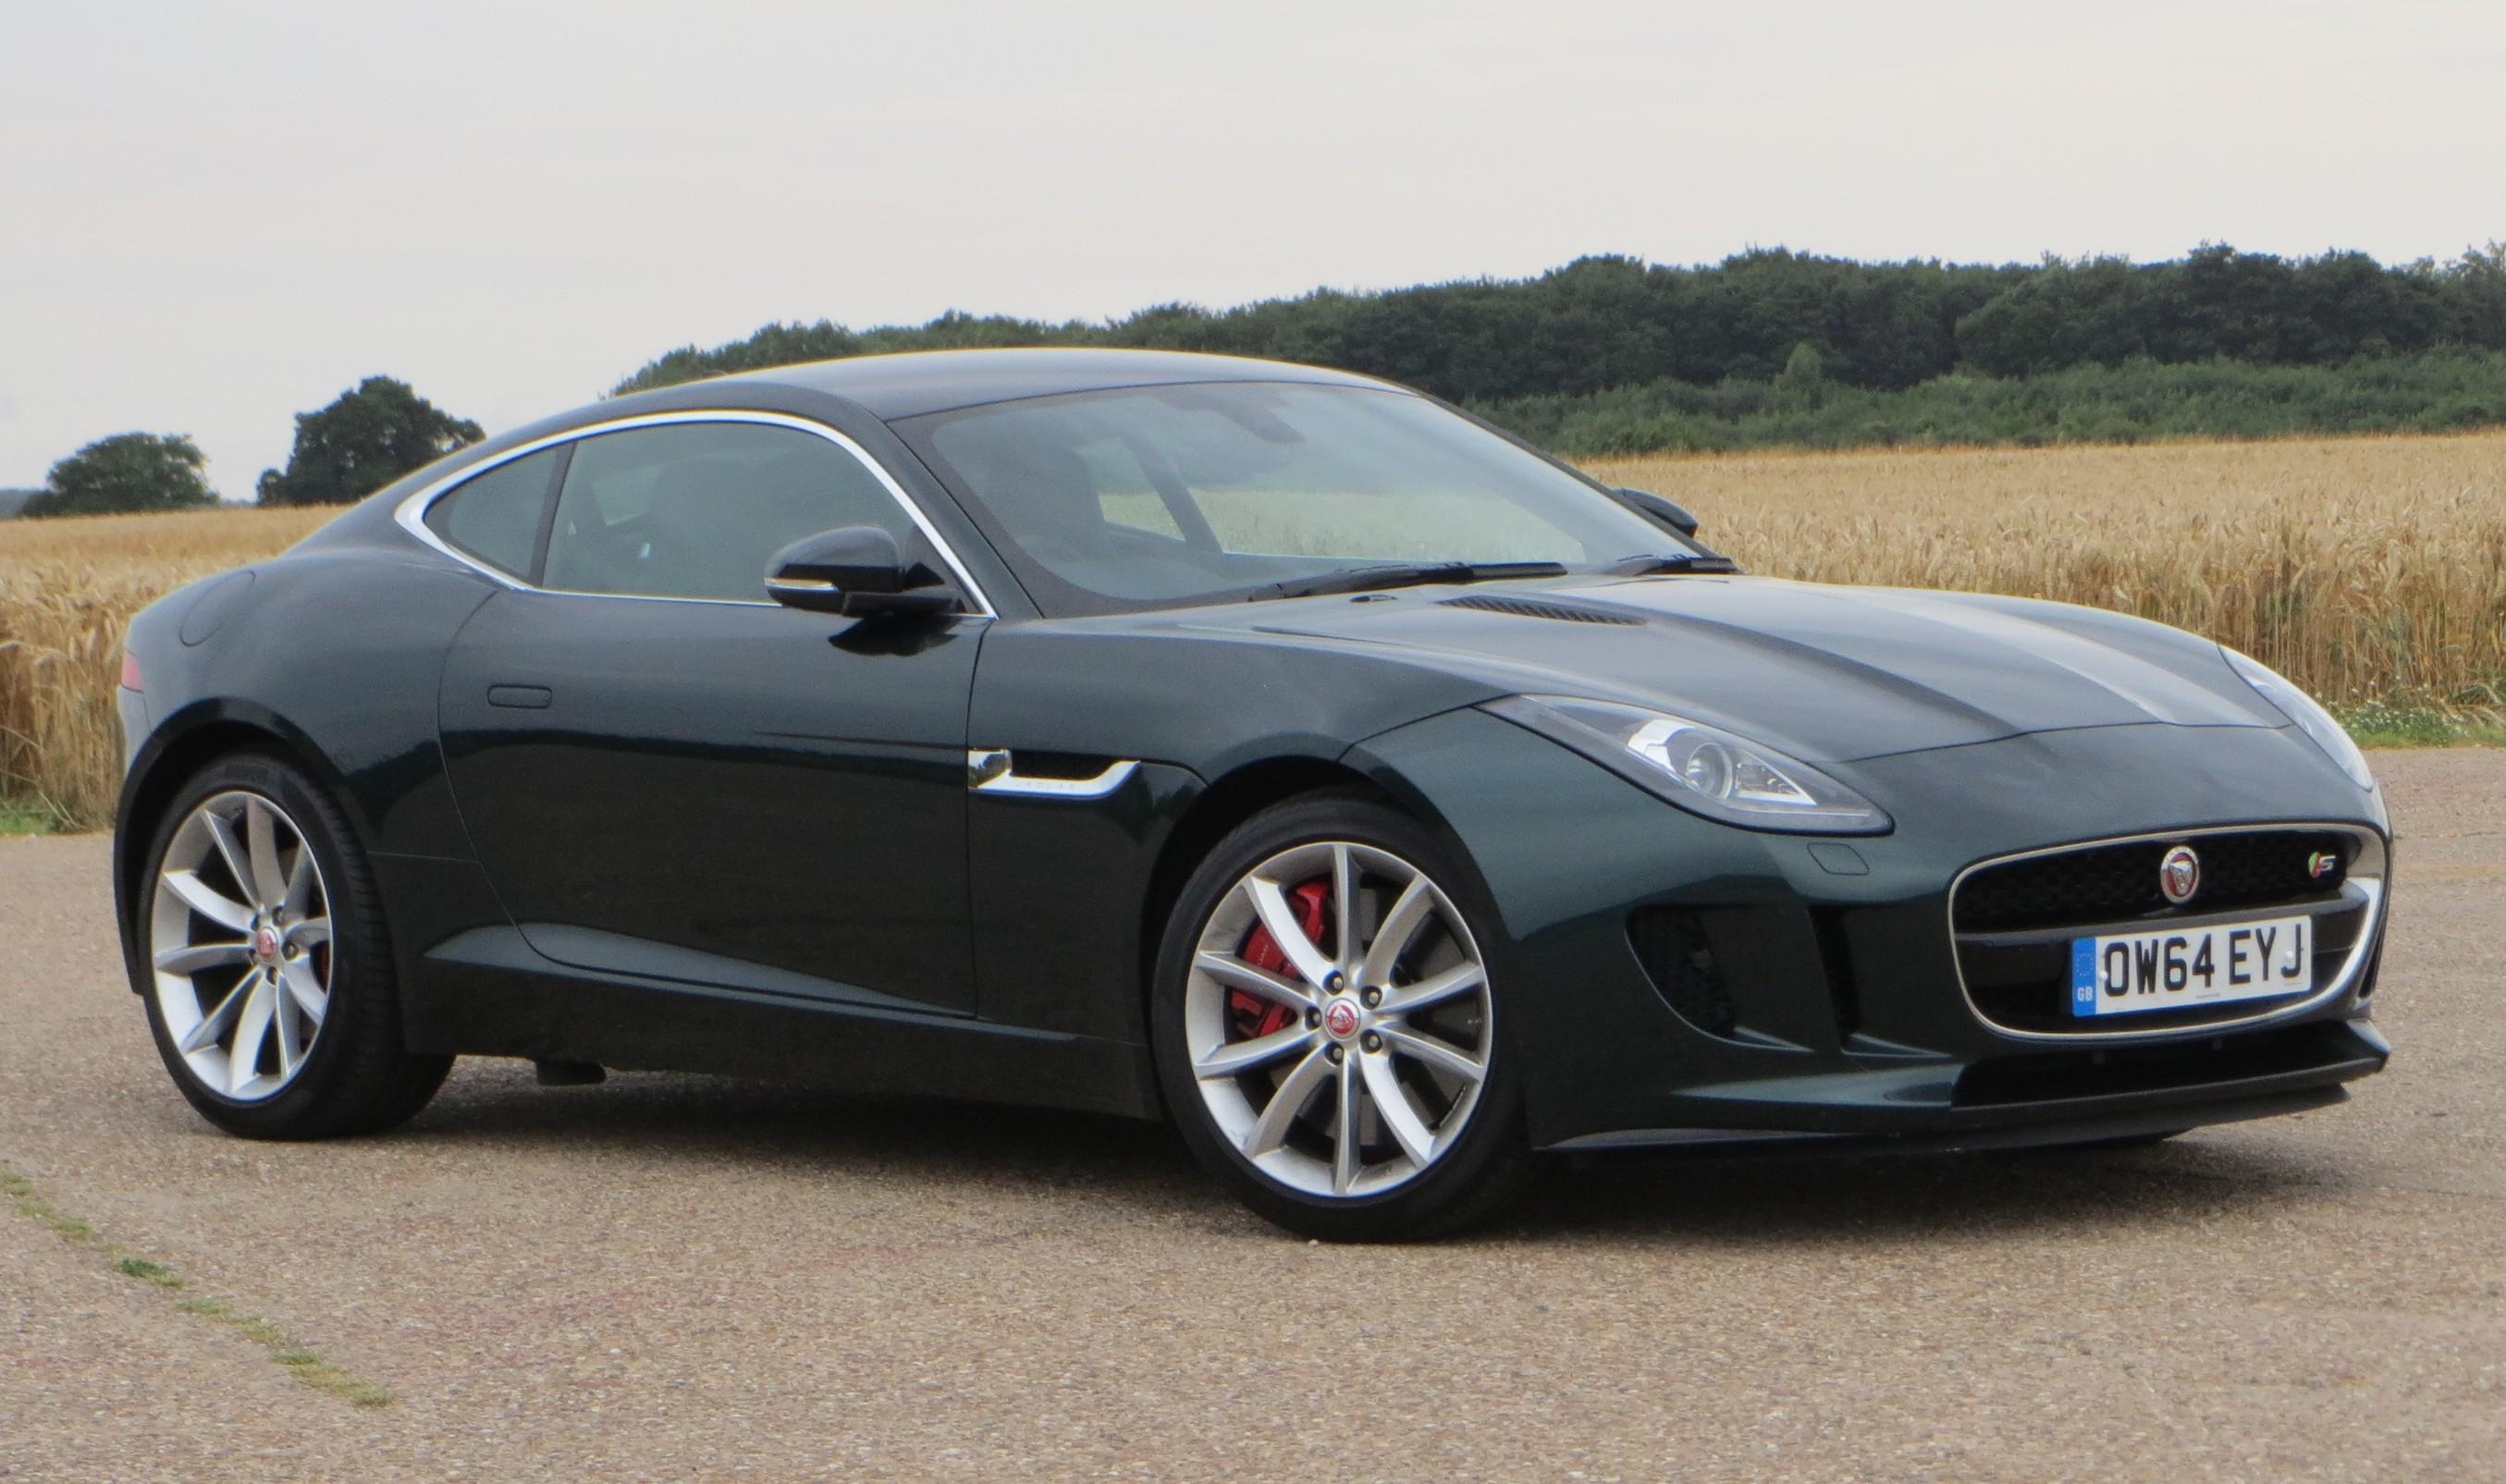 jaguar f type 3 0 v6 supercharged coupe road test report. Black Bedroom Furniture Sets. Home Design Ideas